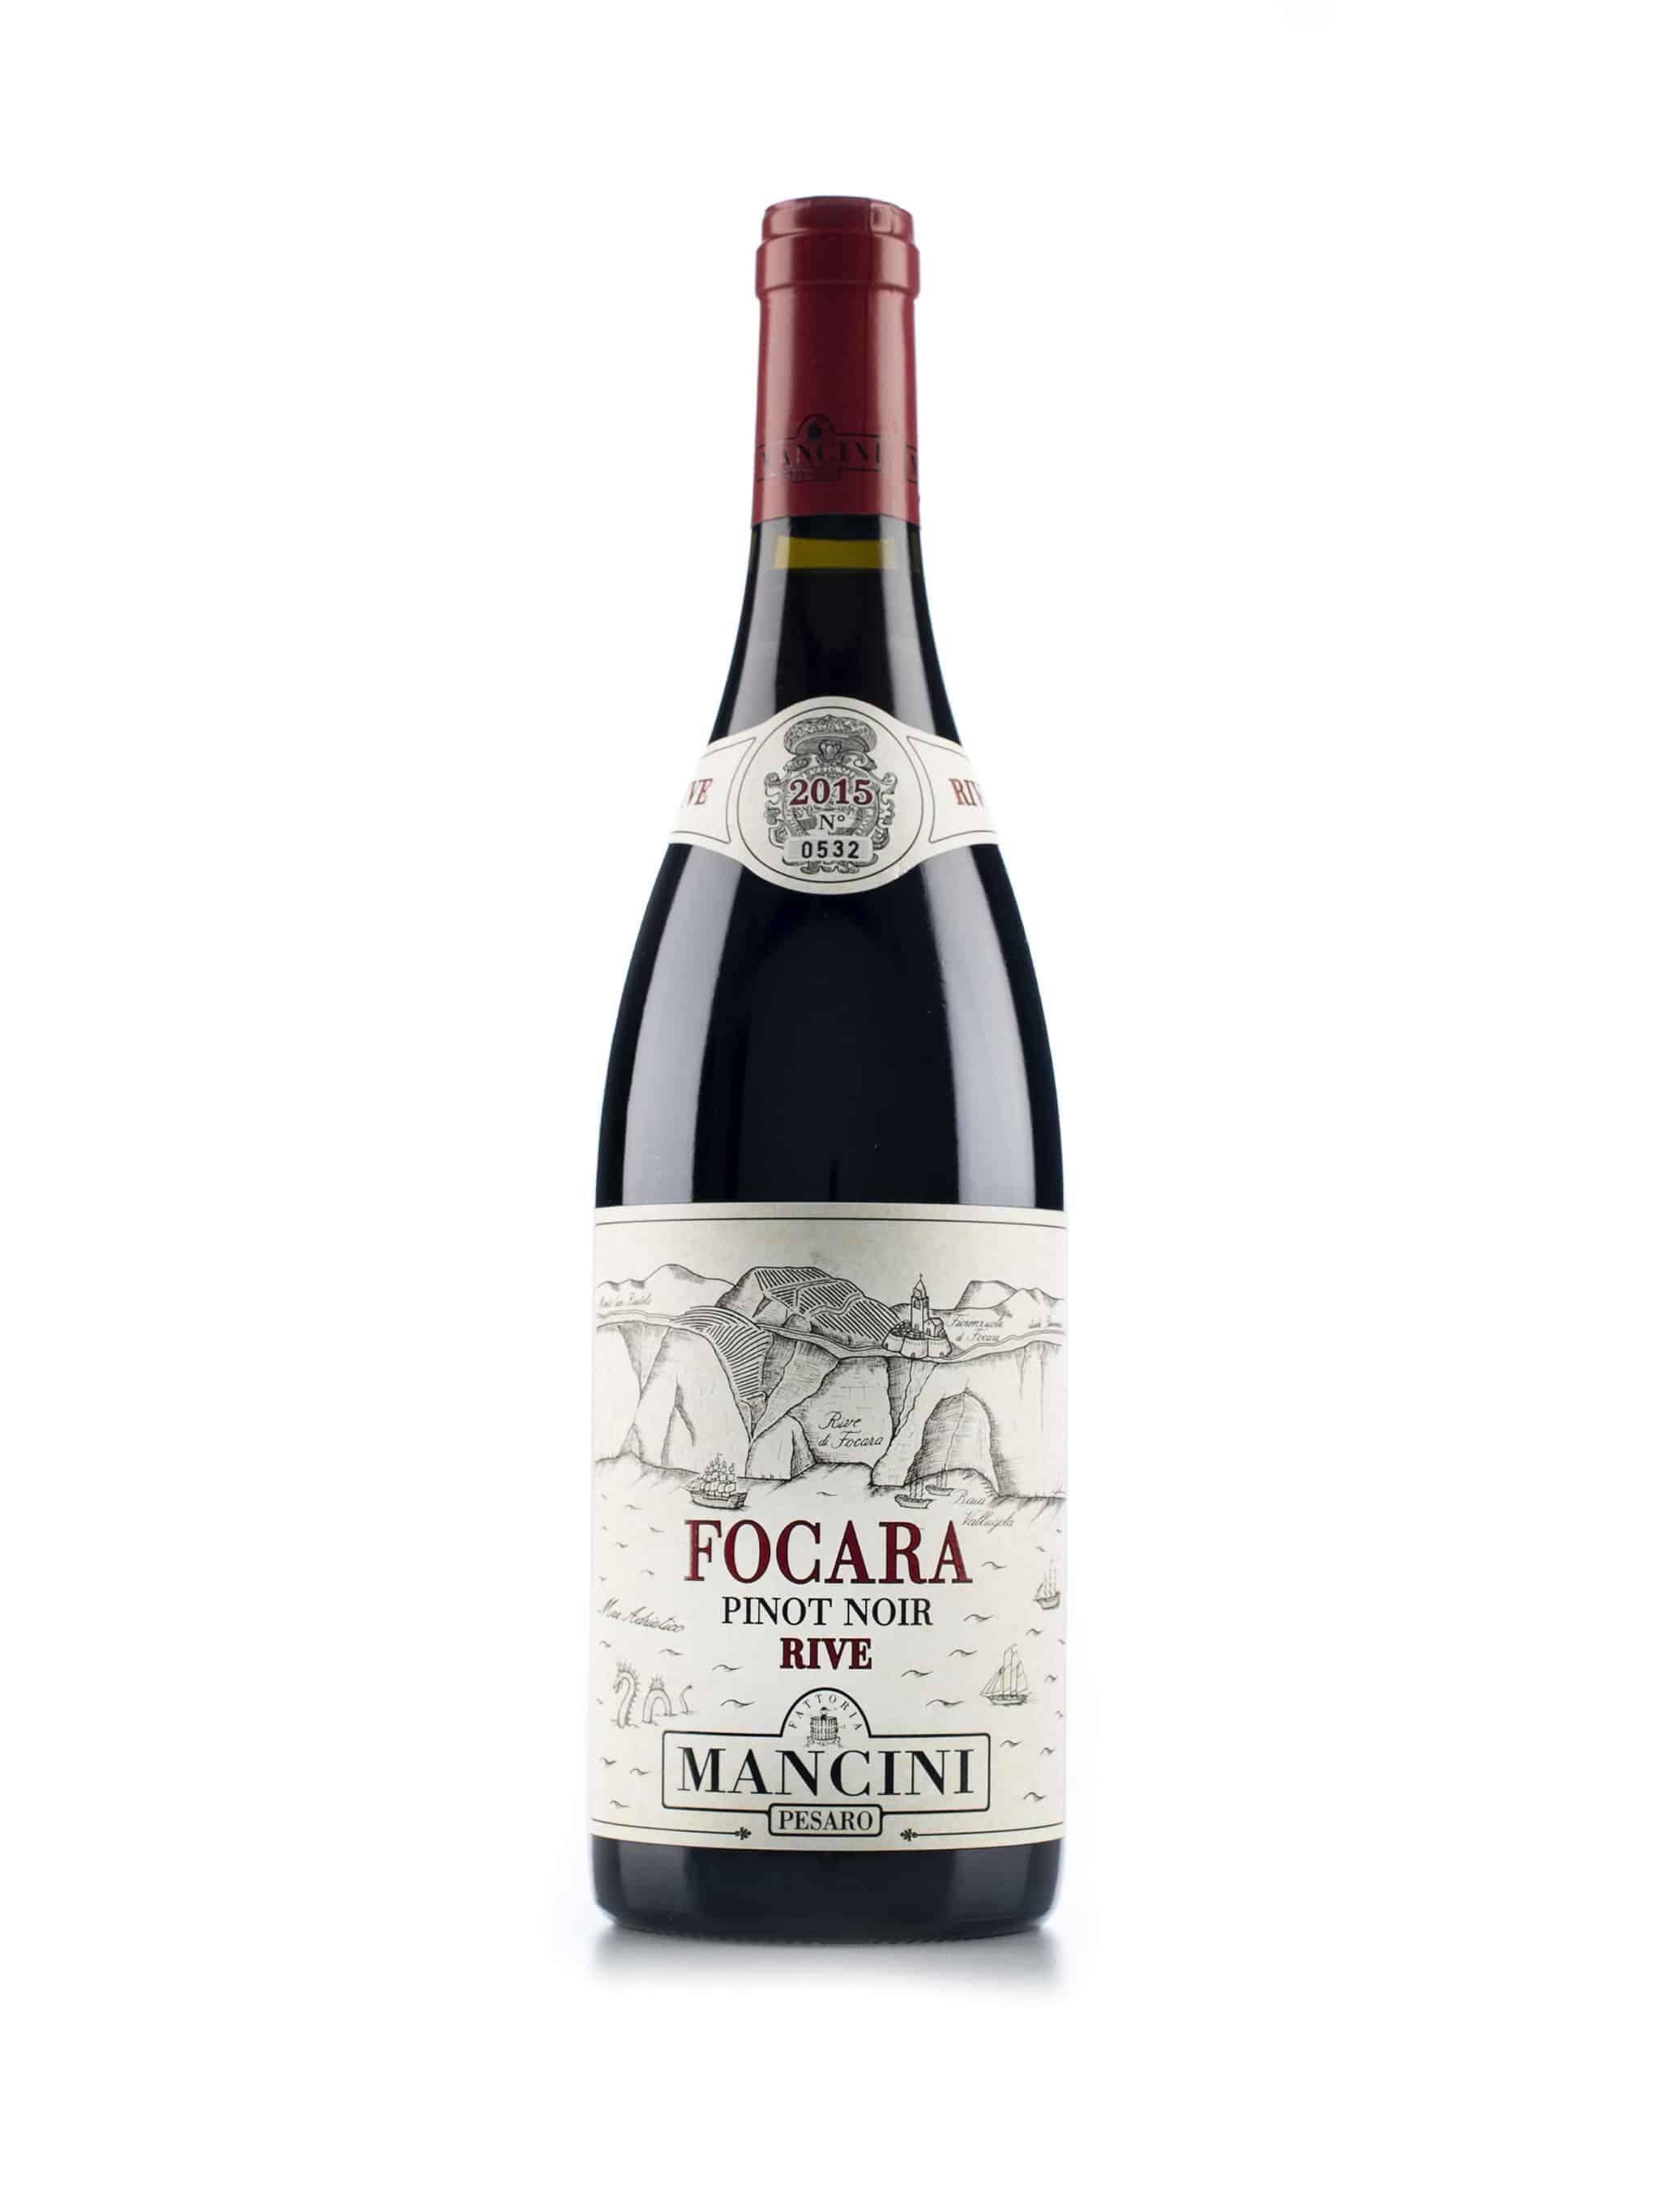 Italiaanse rode wijn van wijndomein Mancini: Pinot Noir 'Focara Rive'